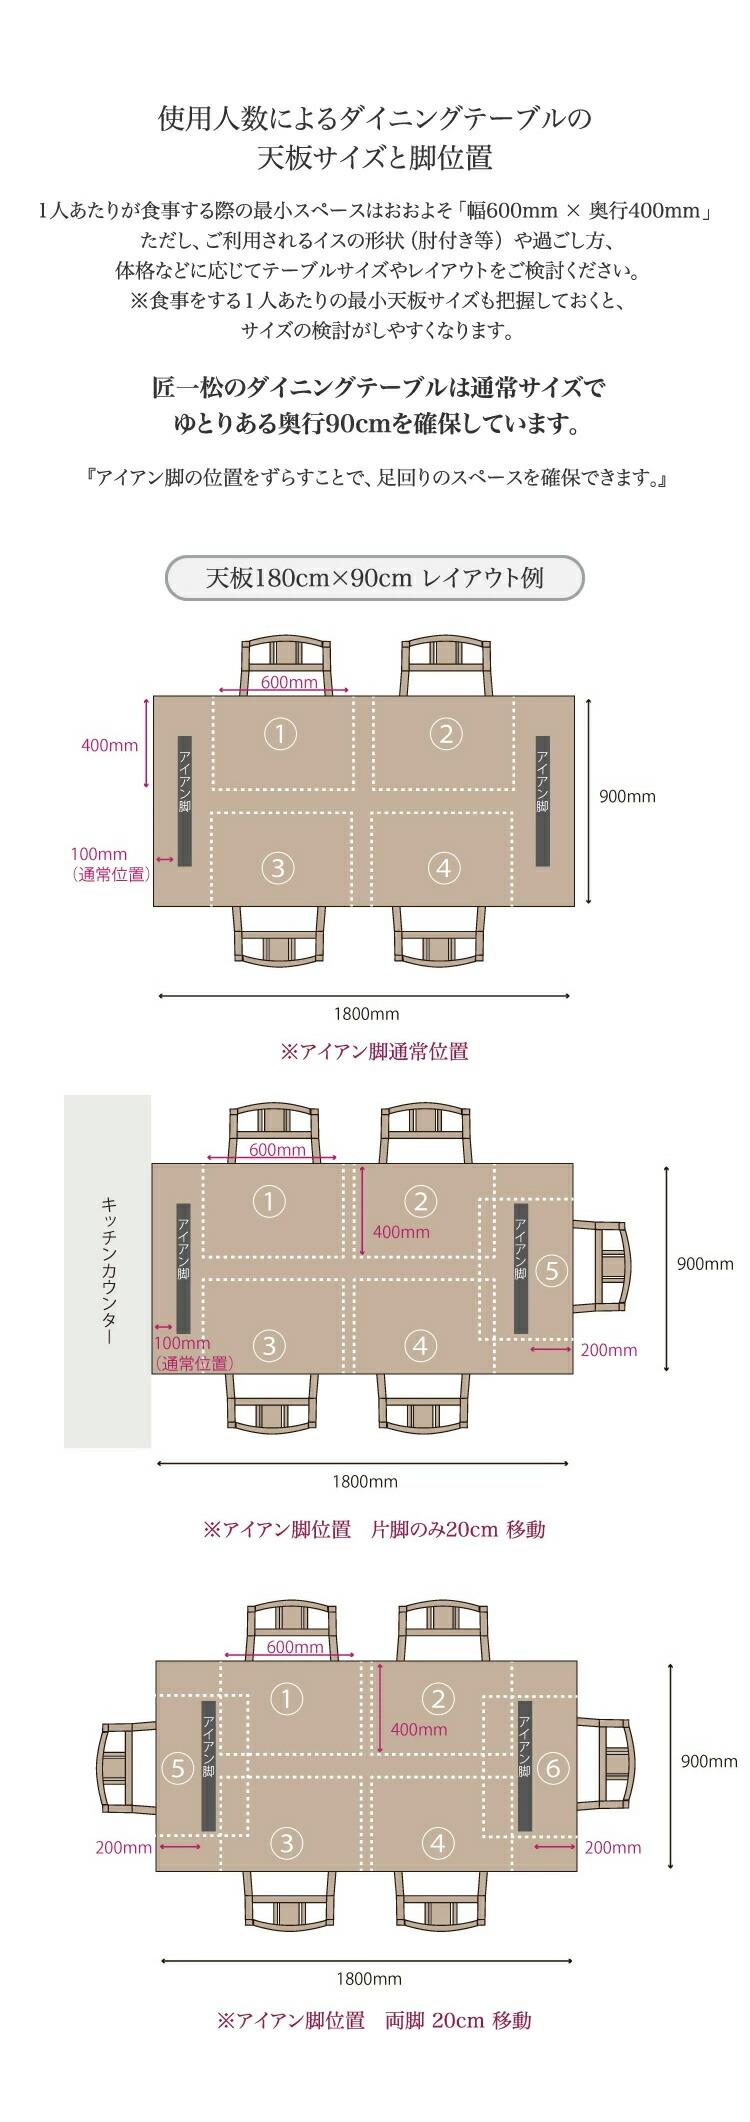 天板サイズは1cm単位でフルオーダーできます。幅180cm以下奥行60cm~90cm